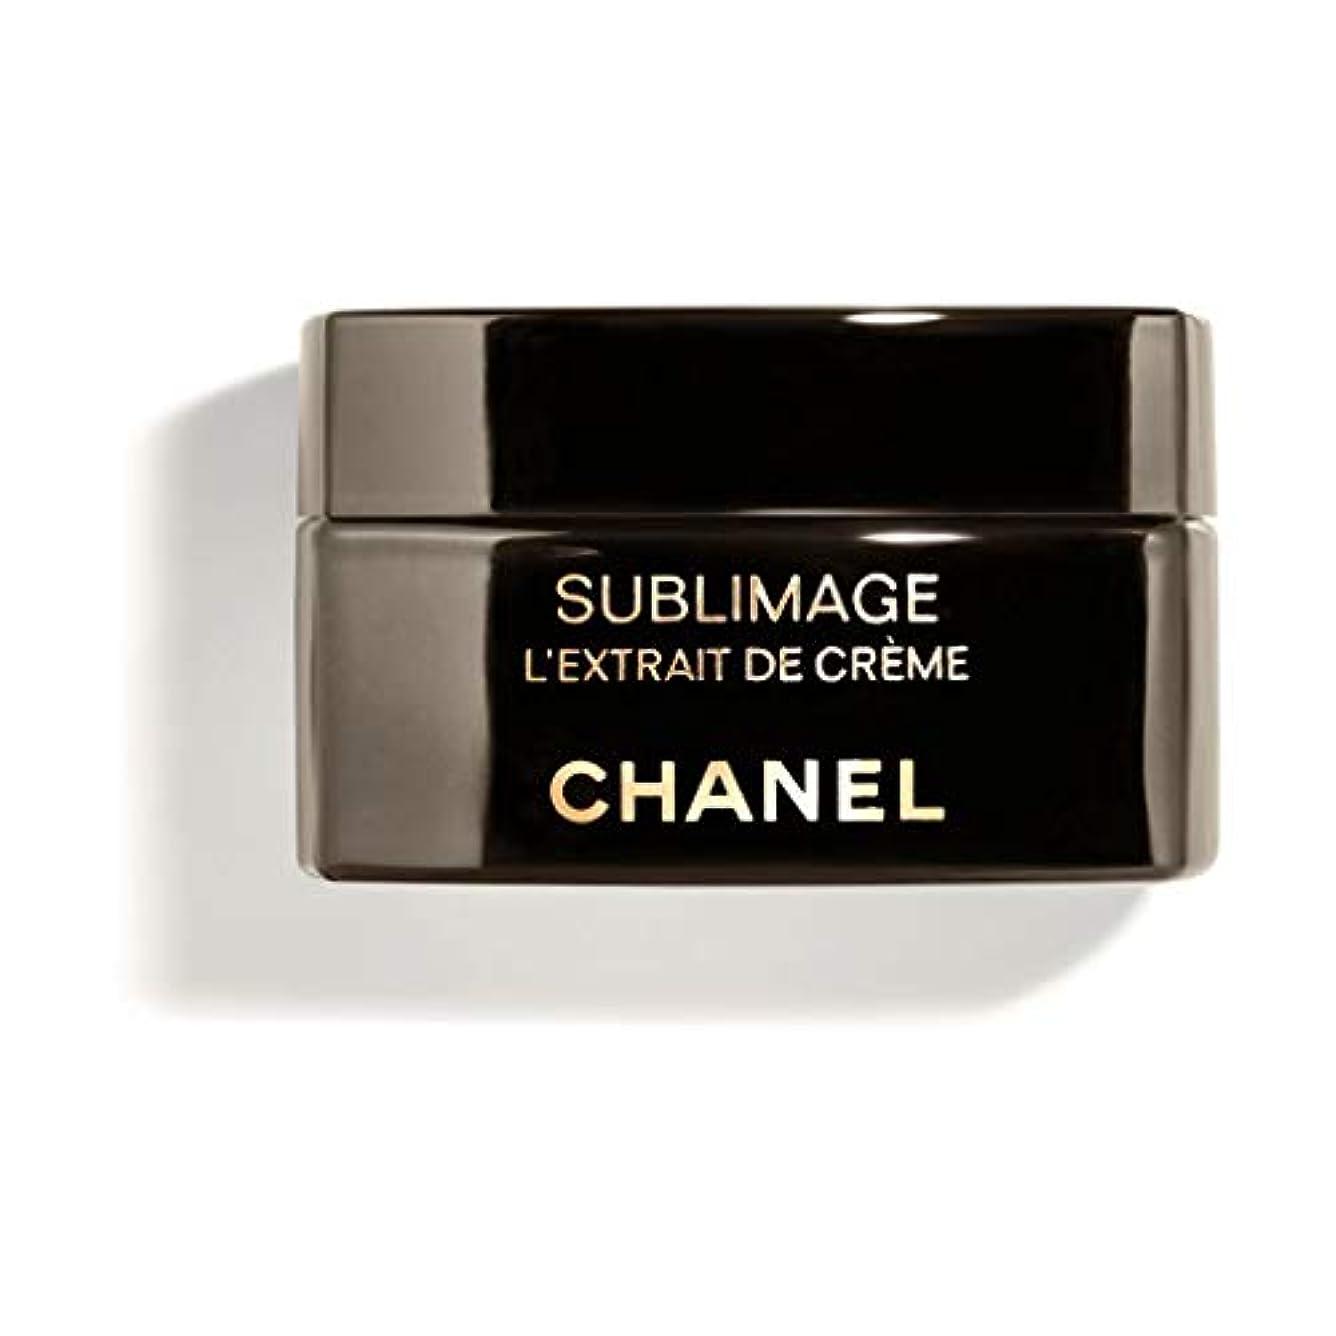 構造的豆病なCHANEL(シャネル) SUBLIMAGE L EXTRAIT DE CREME サブリマージュ レクストレ ドゥ クレーム 50g